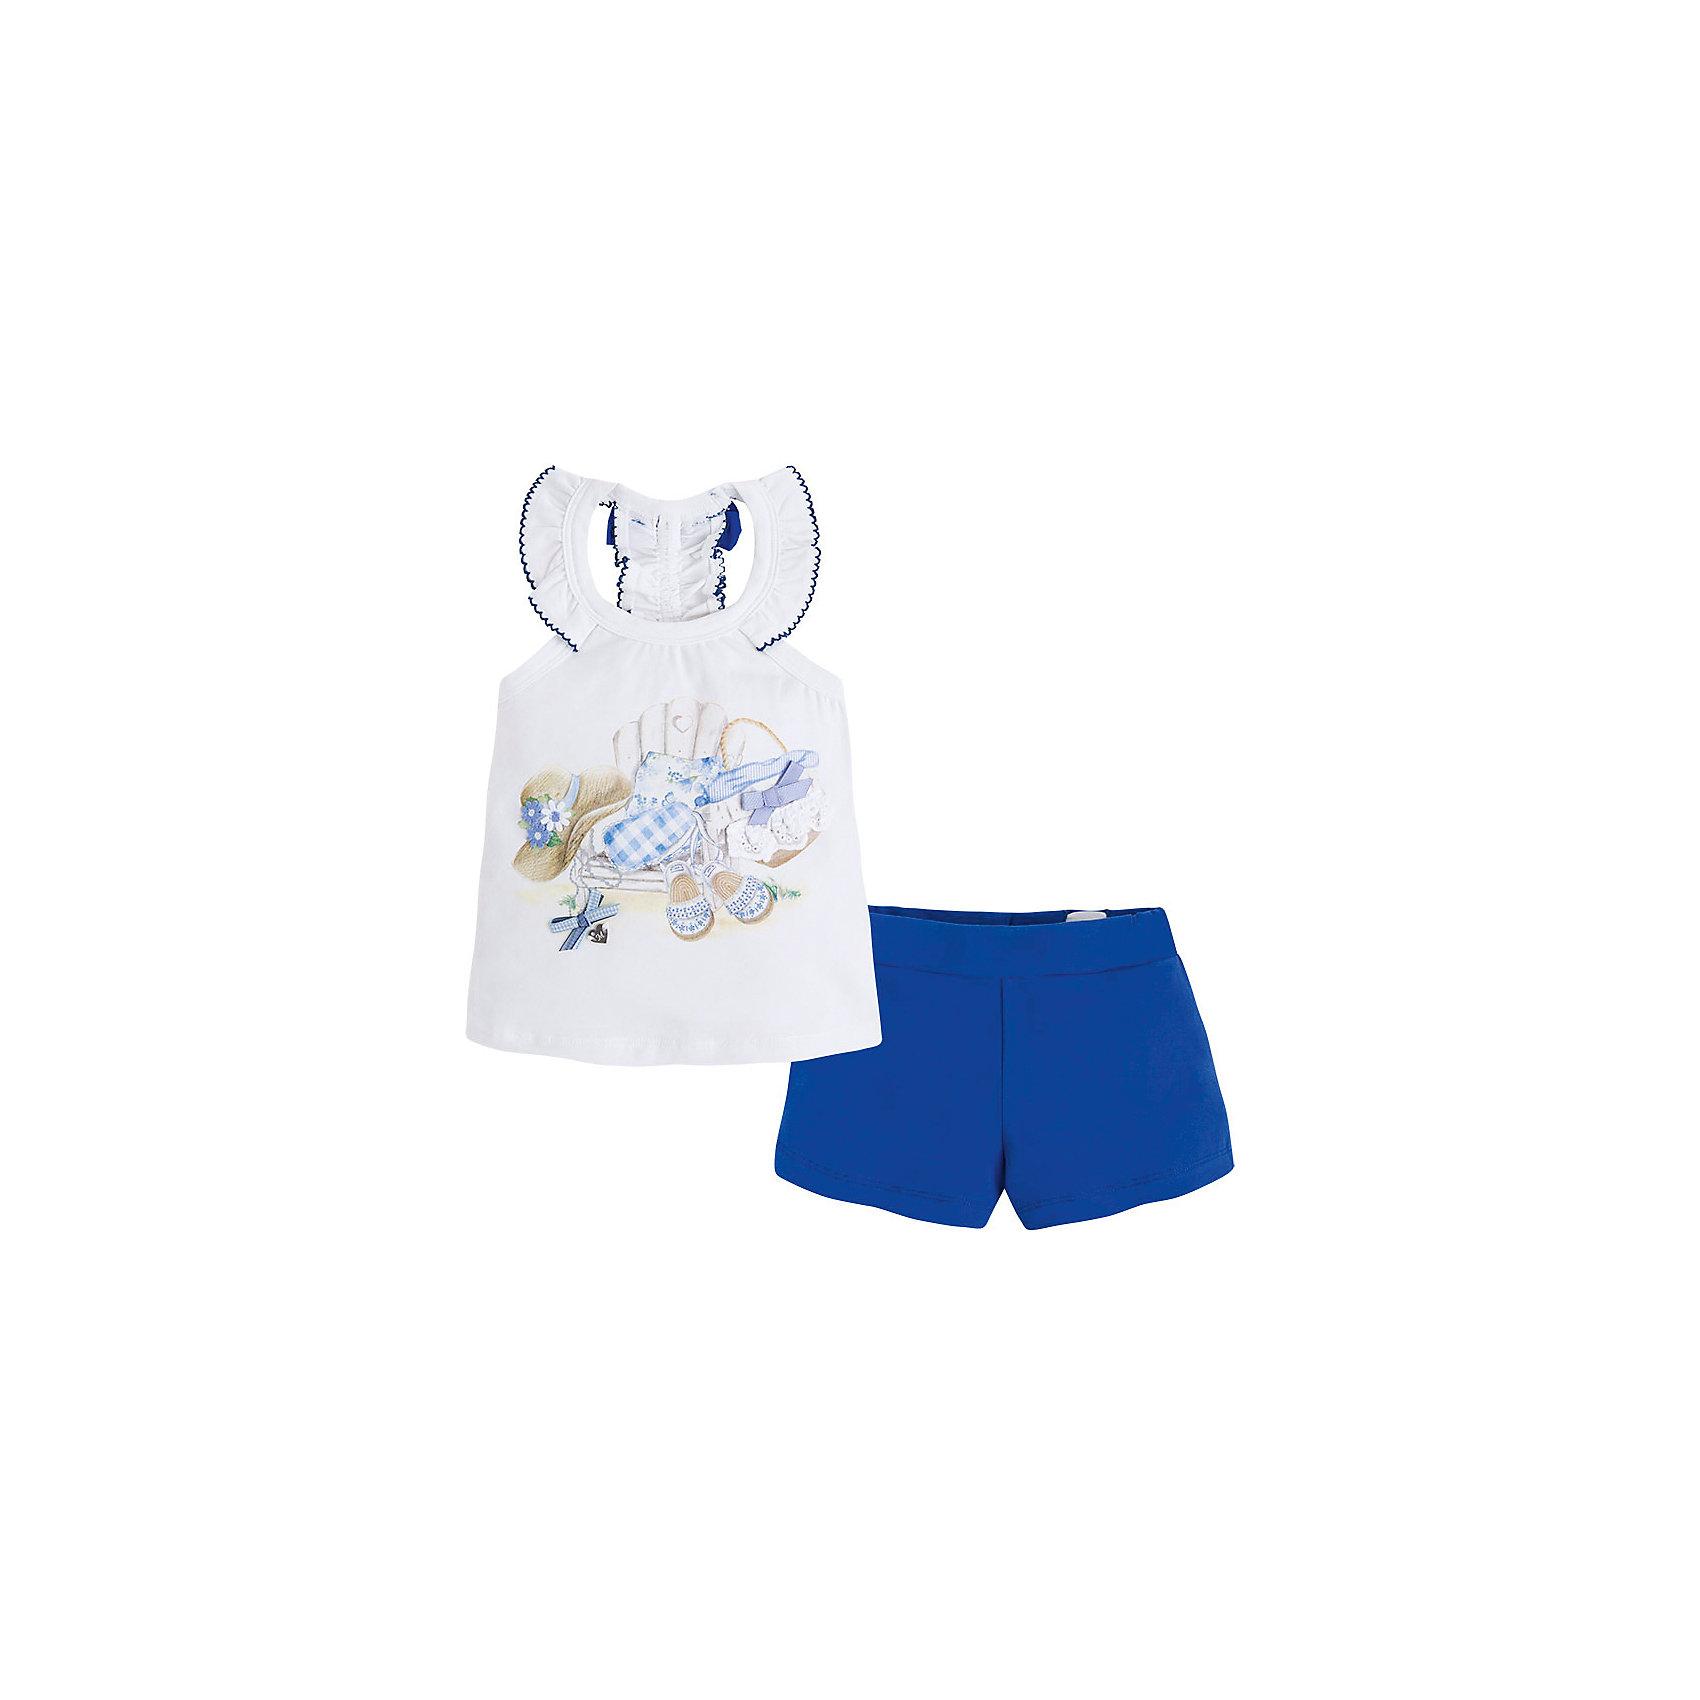 Комплект для девочки: майка и шорты  MayoralКомплект для девочки: майка и шорты для от известной испанской марки Mayoral - идеальный вариант для жаркой погоды! <br><br>Дополнительная информация:<br><br>- Оригинальный дизайн.<br>- Мягкая трикотажная ткань.<br>- Принт, объемная аппликация, металлическая подвеска на футболке.<br>- Оборки.<br>- Бант на спине.<br>- Шорты на эластичном поясе.<br>- Регулировка на талии.  <br>- Состав: 100% хлопок.<br><br>Комплект для девочки: майку и шорты Mayoral (Майорал) можно купить в нашем магазине.<br><br>Ширина мм: 191<br>Глубина мм: 10<br>Высота мм: 175<br>Вес г: 273<br>Цвет: синий<br>Возраст от месяцев: 24<br>Возраст до месяцев: 36<br>Пол: Женский<br>Возраст: Детский<br>Размер: 98,134,110,104,116,122,128<br>SKU: 4543757